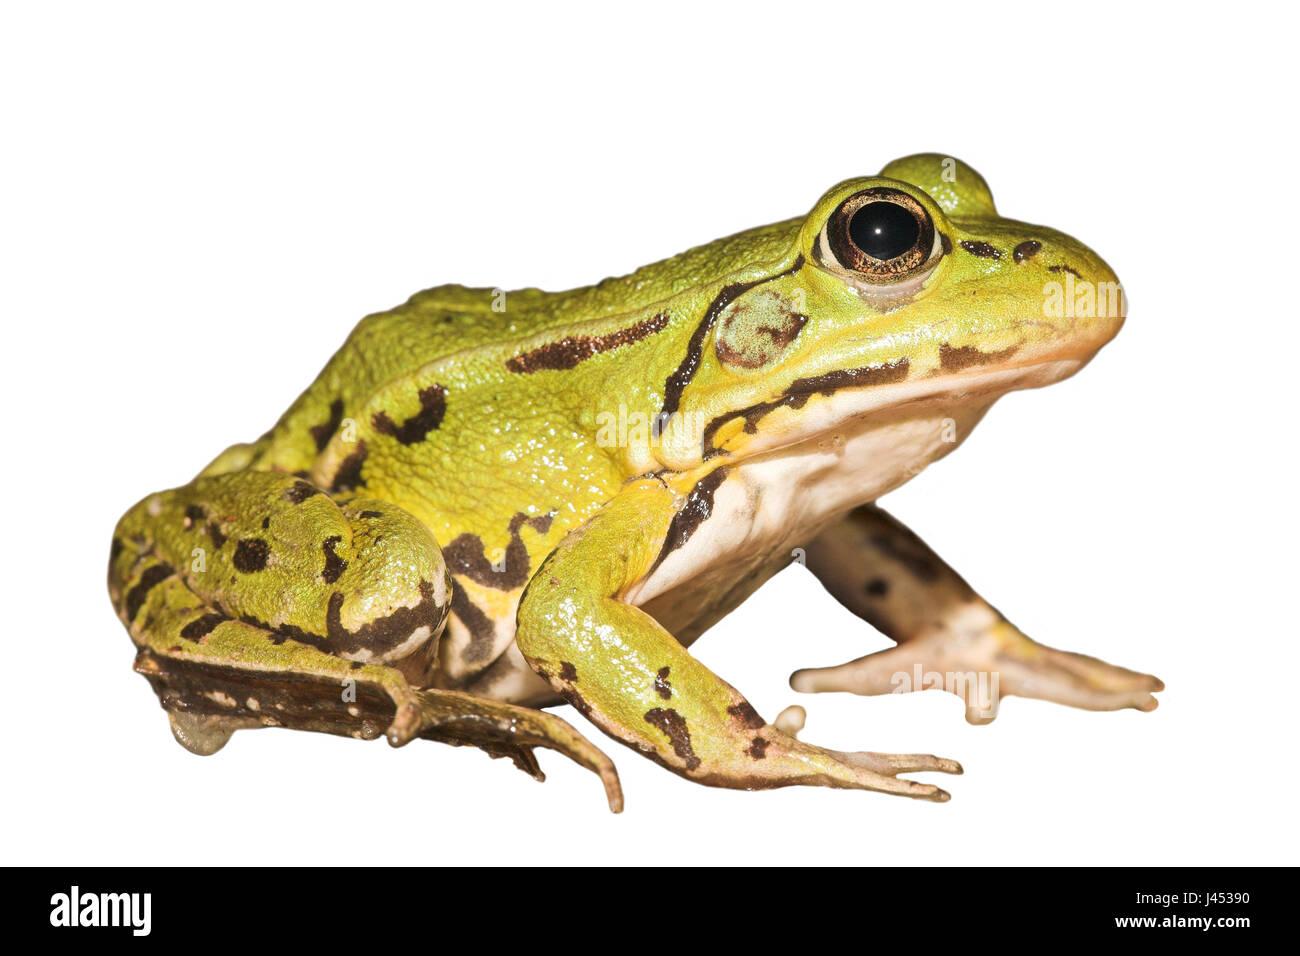 Pool-Frosch auf einem weißen Hintergrund (gerendert) Stockbild